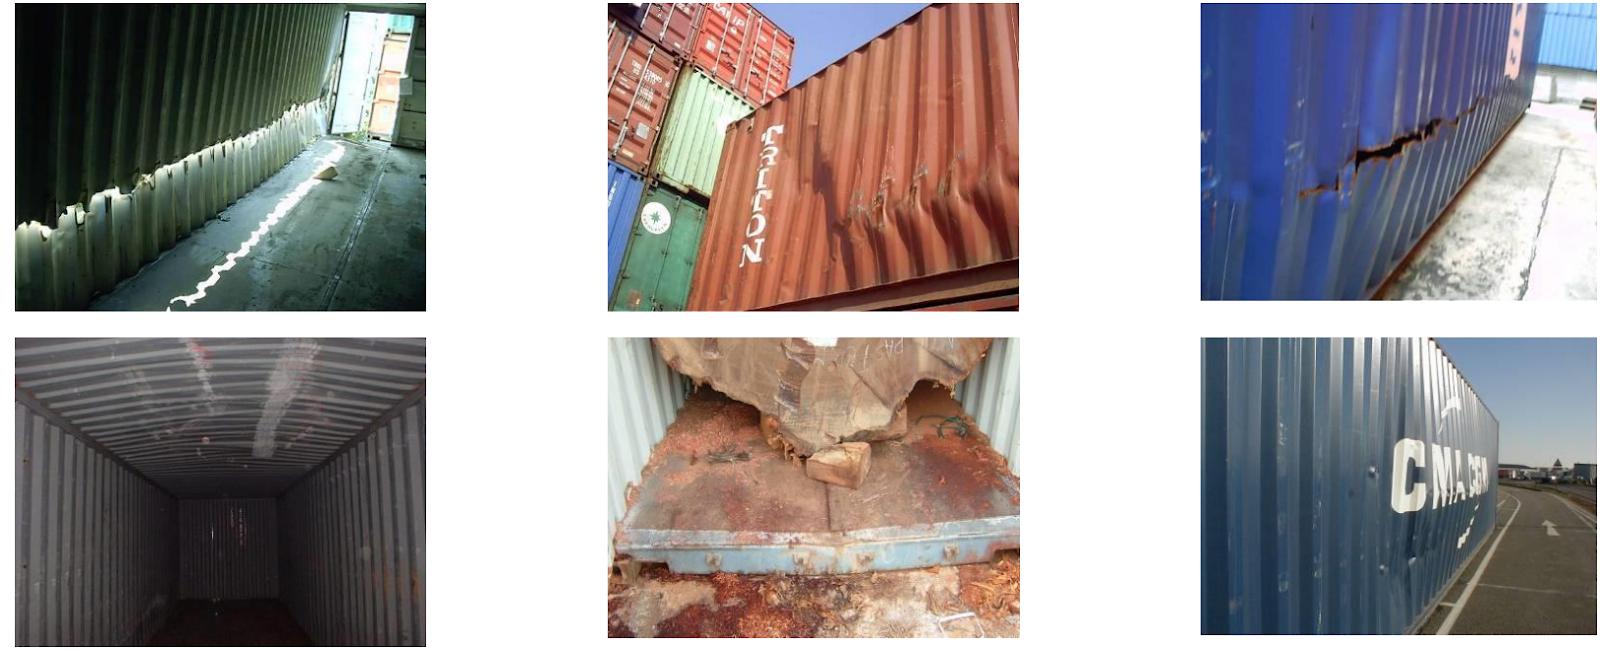 木材运输损害集装箱